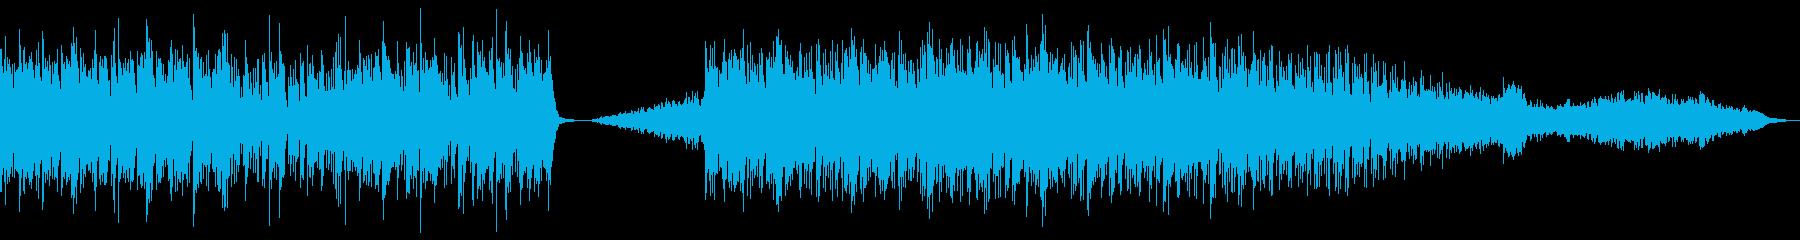 攻撃的、不協和的、ミニマル、パーカ...の再生済みの波形